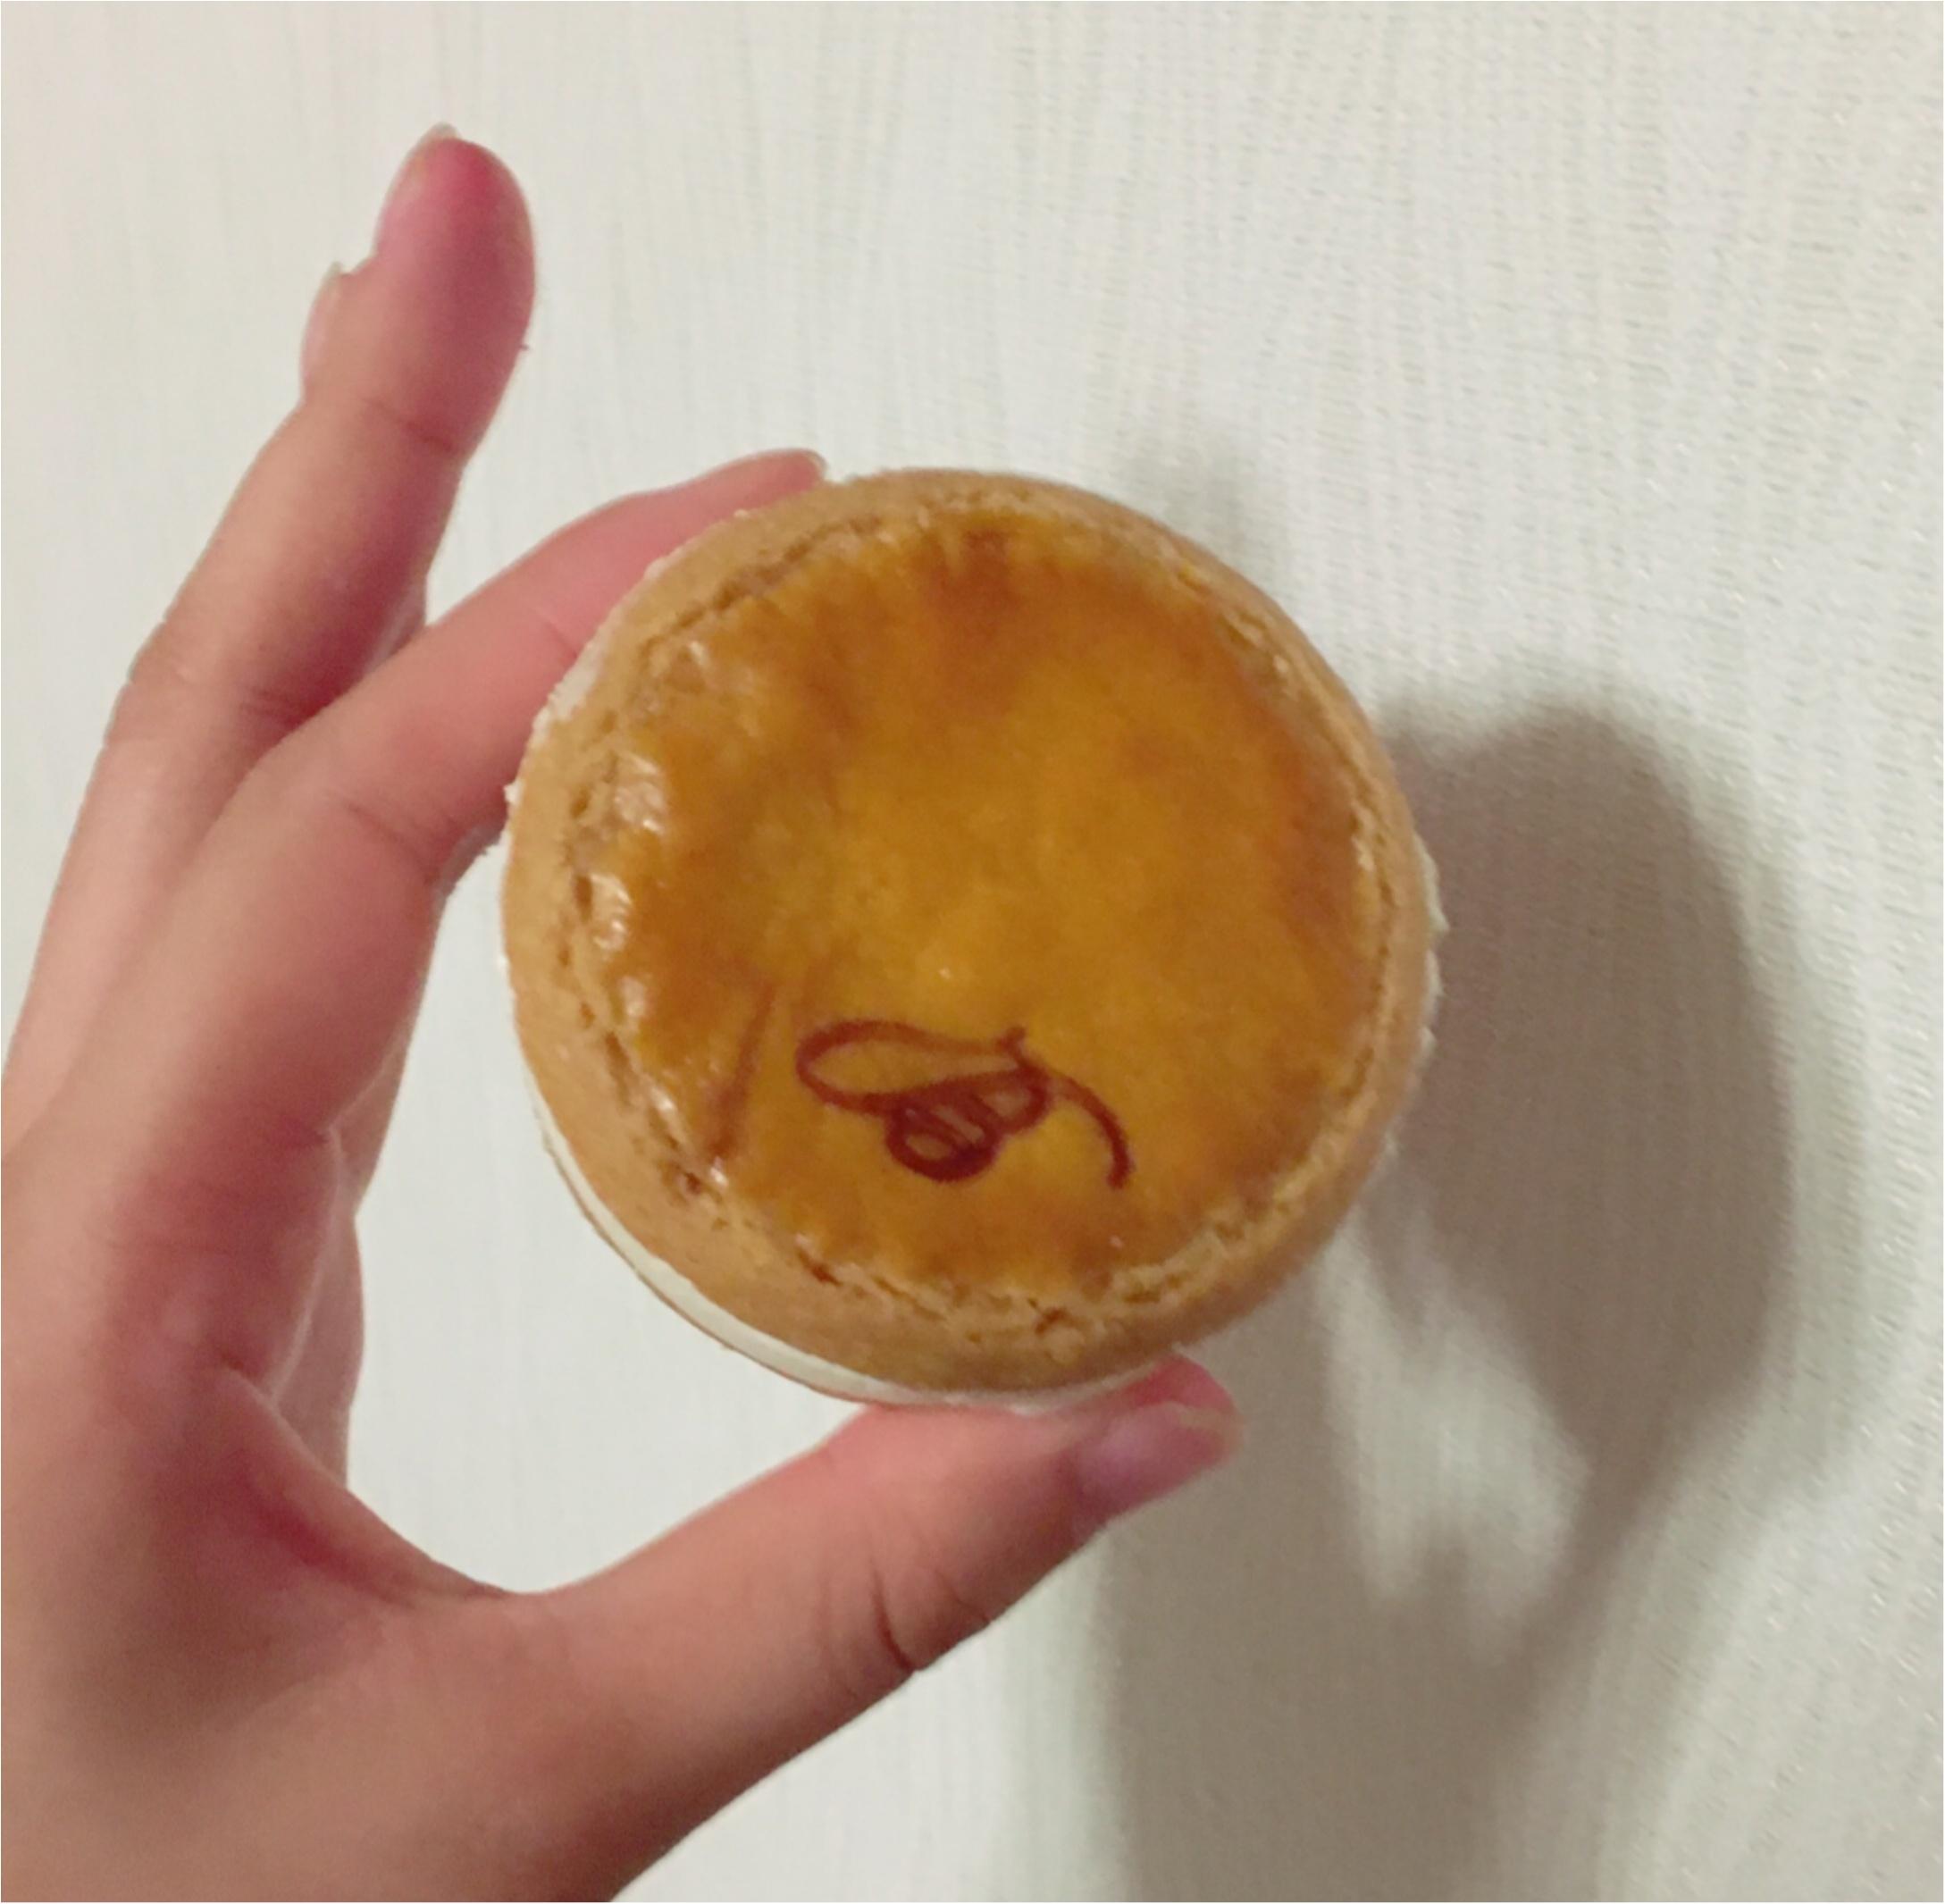 日本で唯一!神戸のバターサンド専門店が気になるっ♡お取り寄せも1ヶ月待ち!?byみそ_4